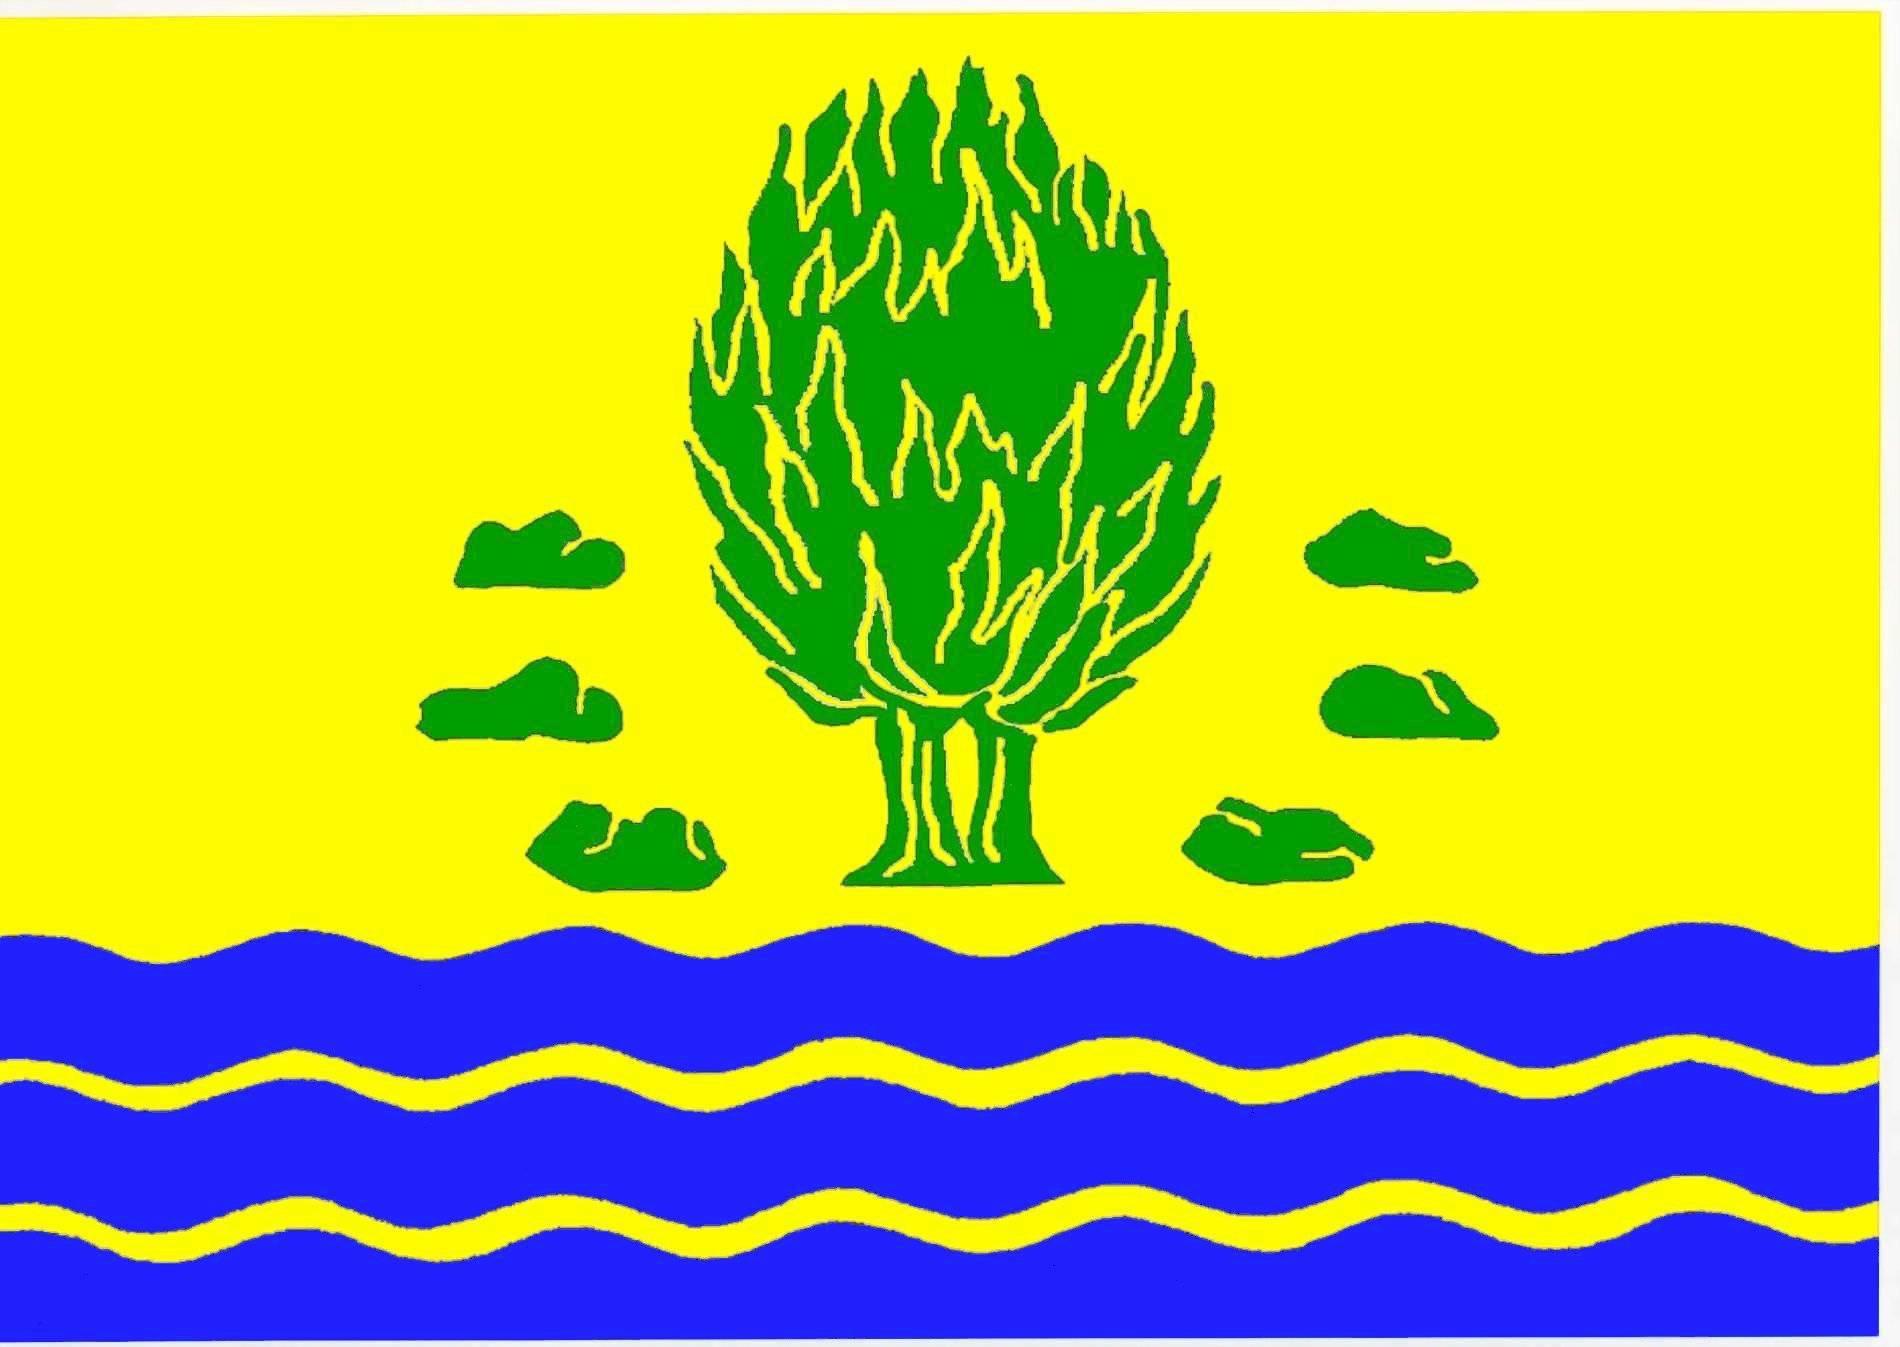 Flagge GemeindeIdstedt, Kreis Schleswig-Flensburg